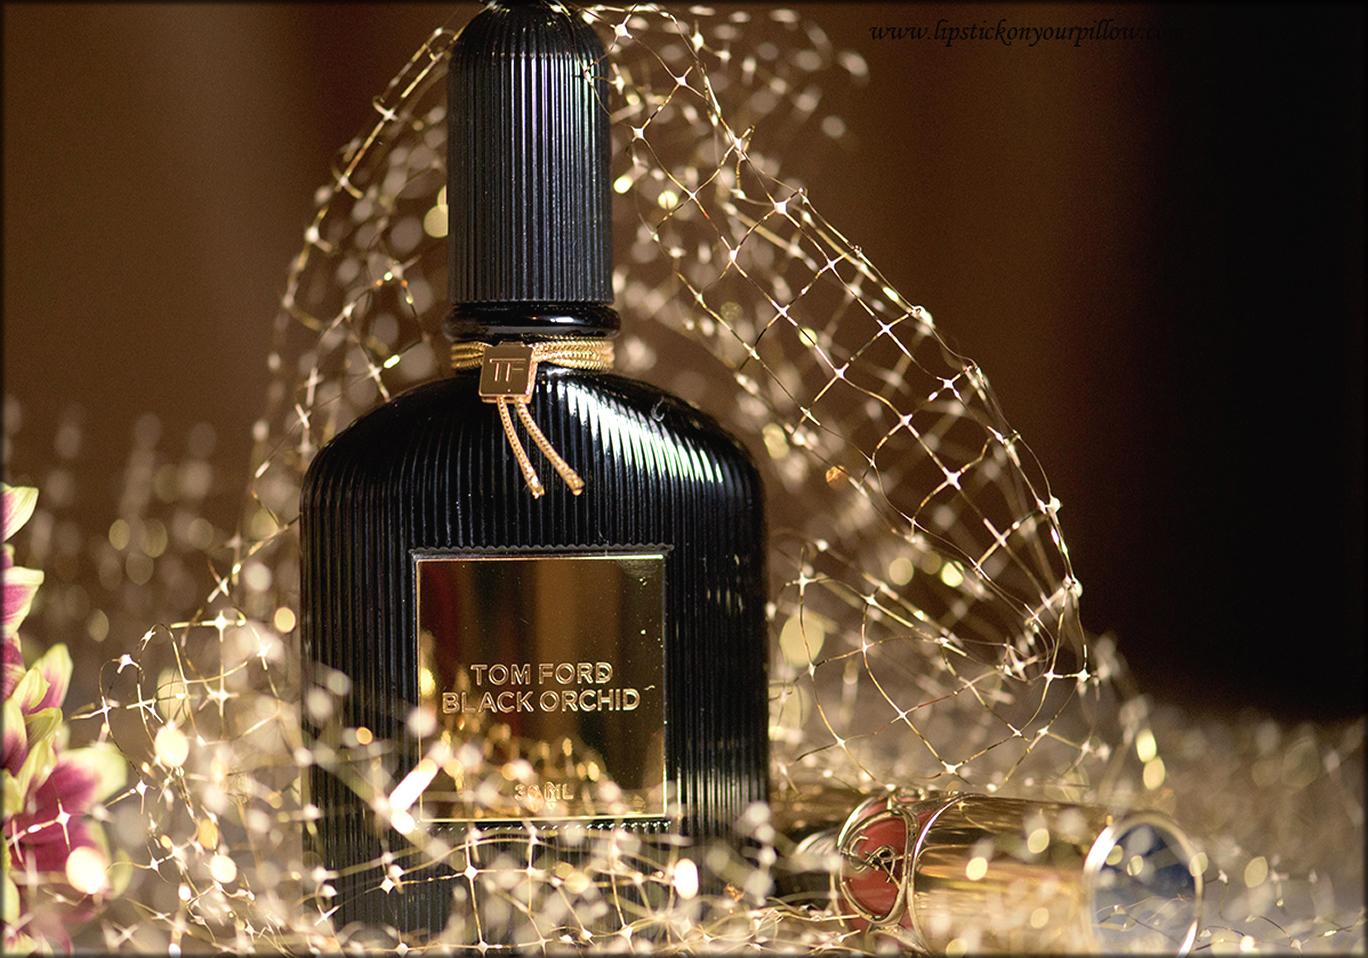 Tom Ford Black Orchid Ladies Best Perfume